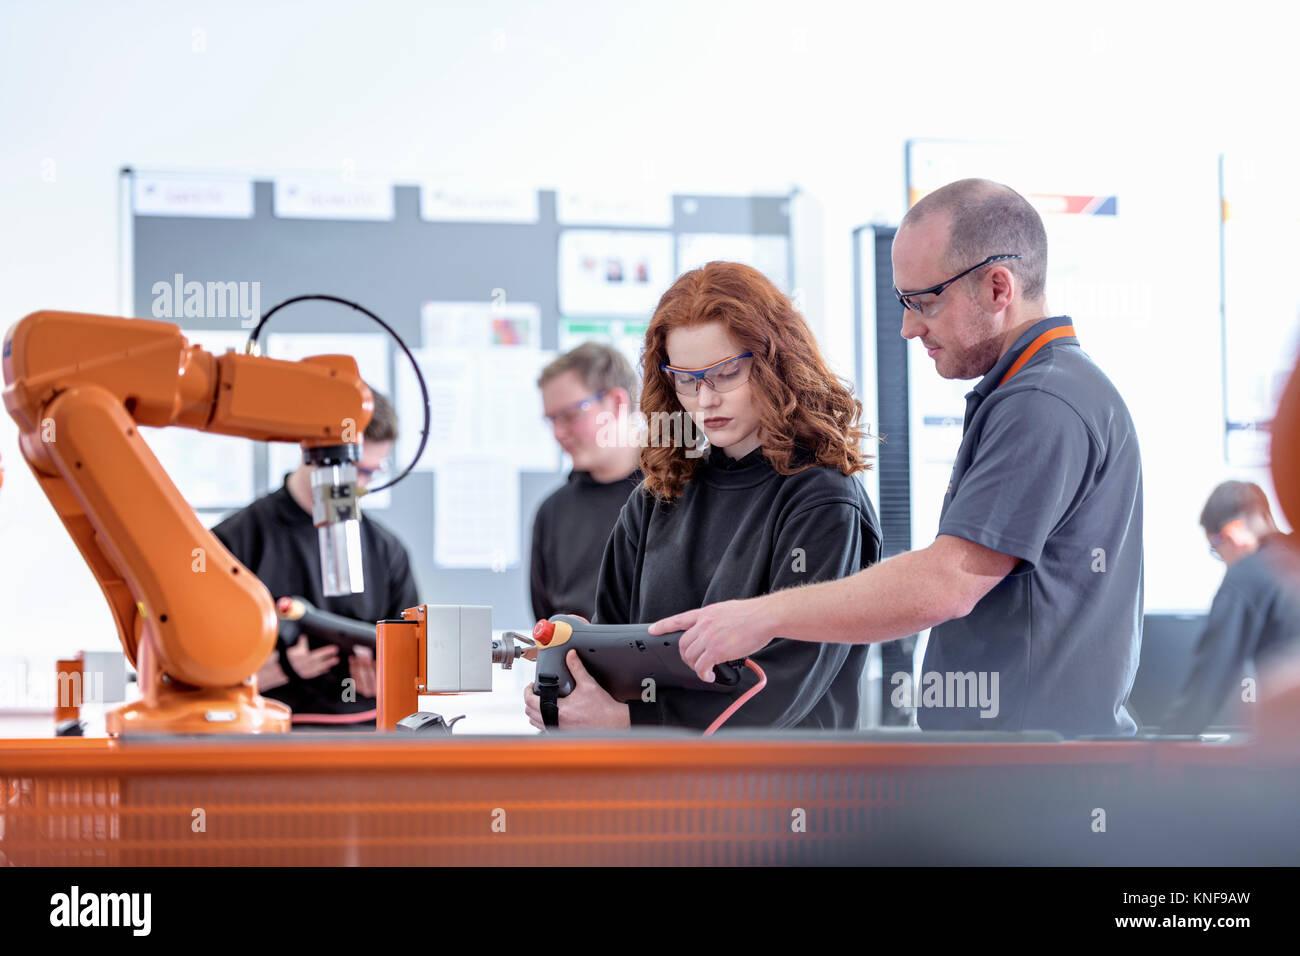 Tutor con robótica aprendices mediante test robots industriales en instalaciones de robótica Imagen De Stock